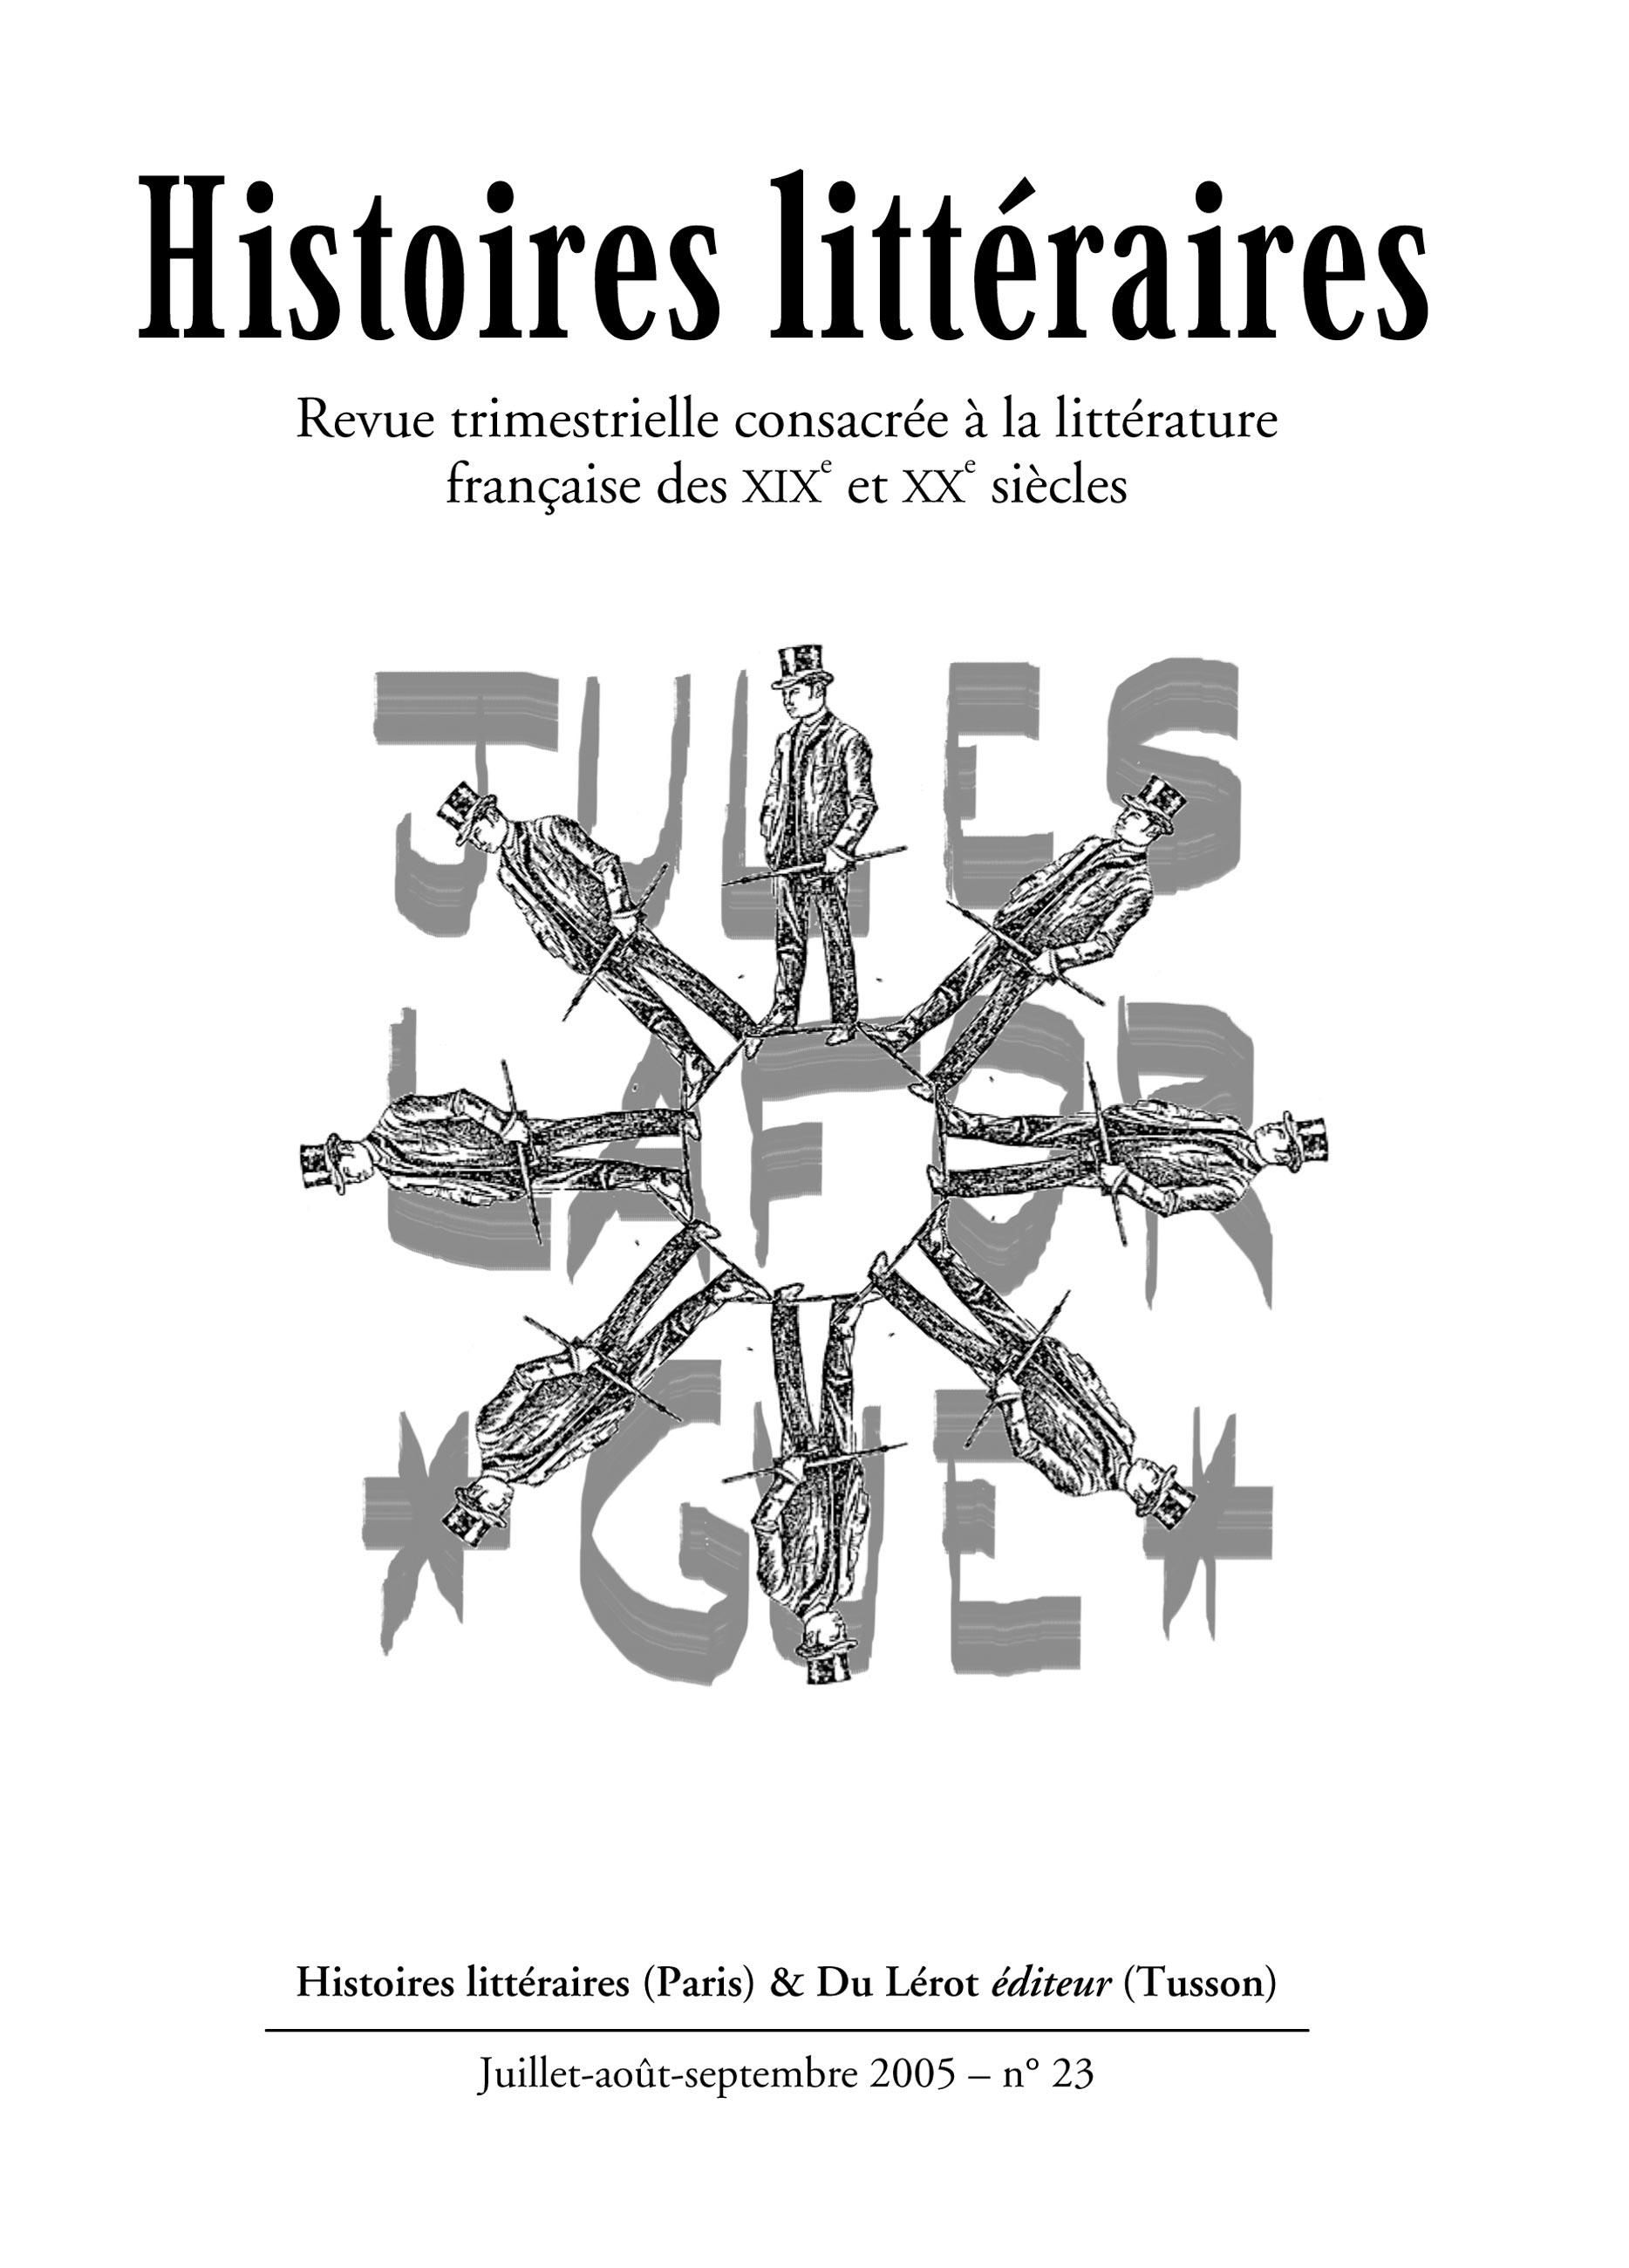 Couverture d'Histoires littéraires n°23